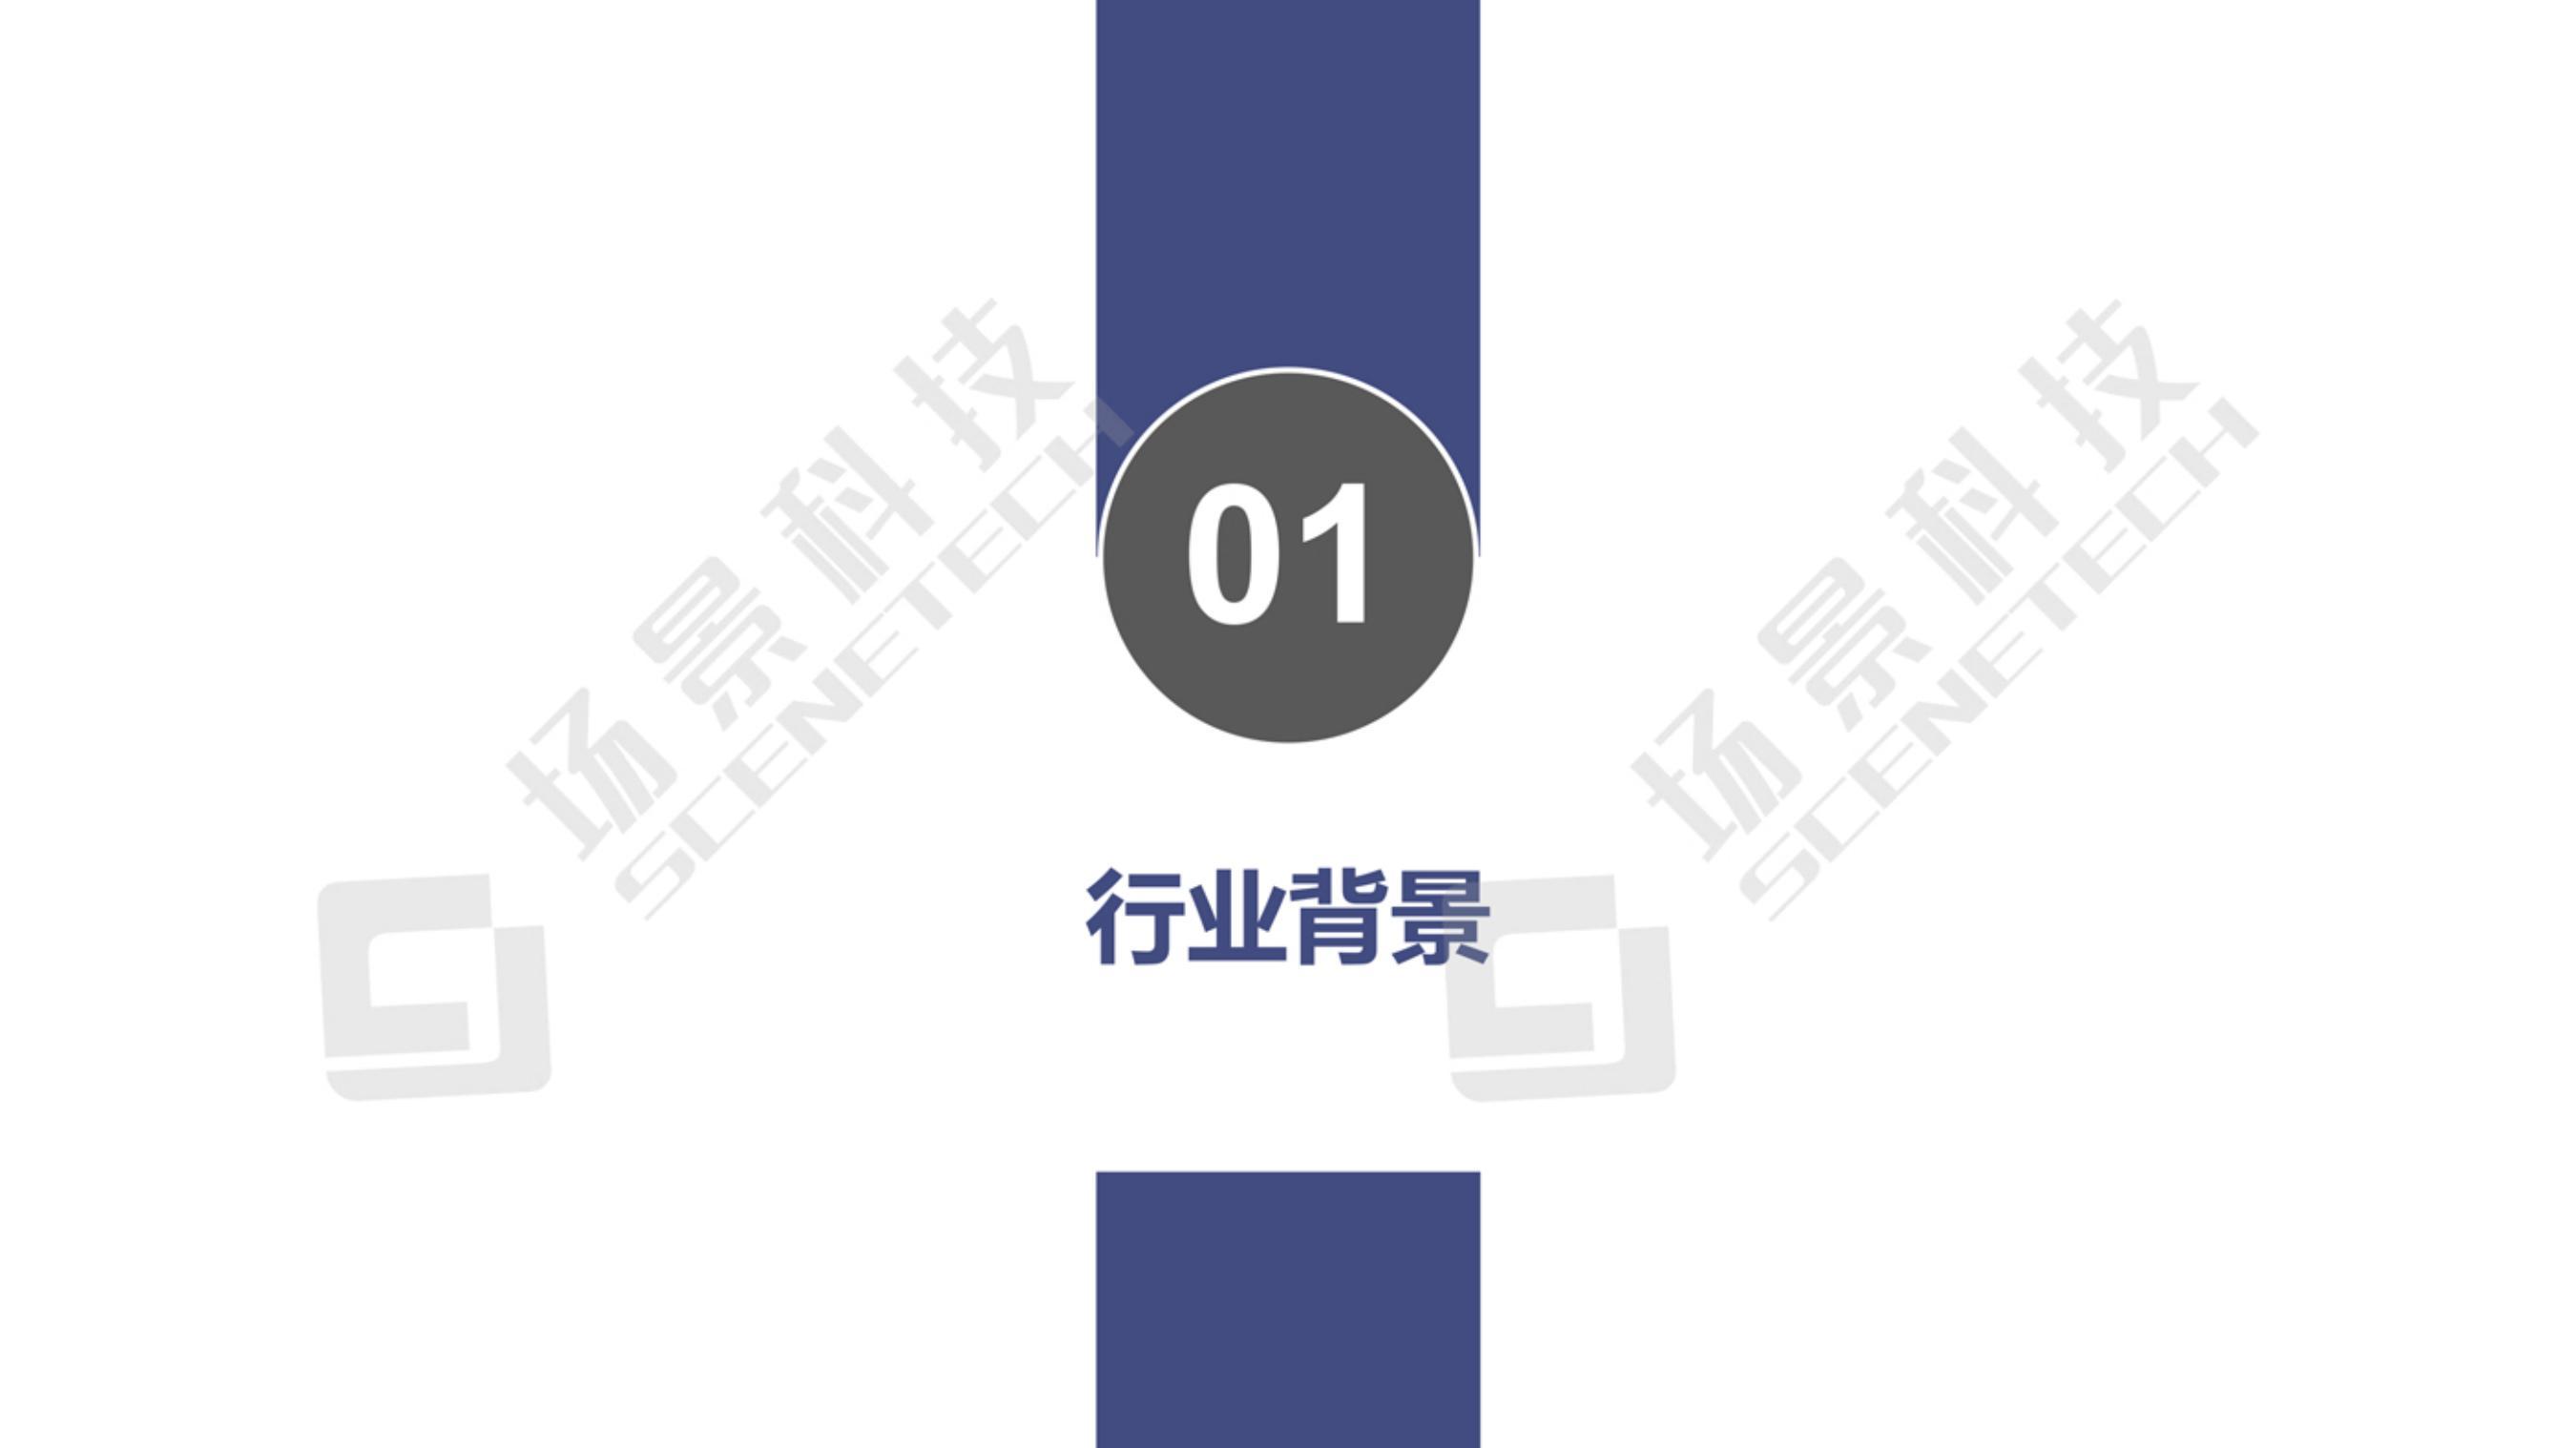 化工安全生产信息化管理解决方案20210511_01